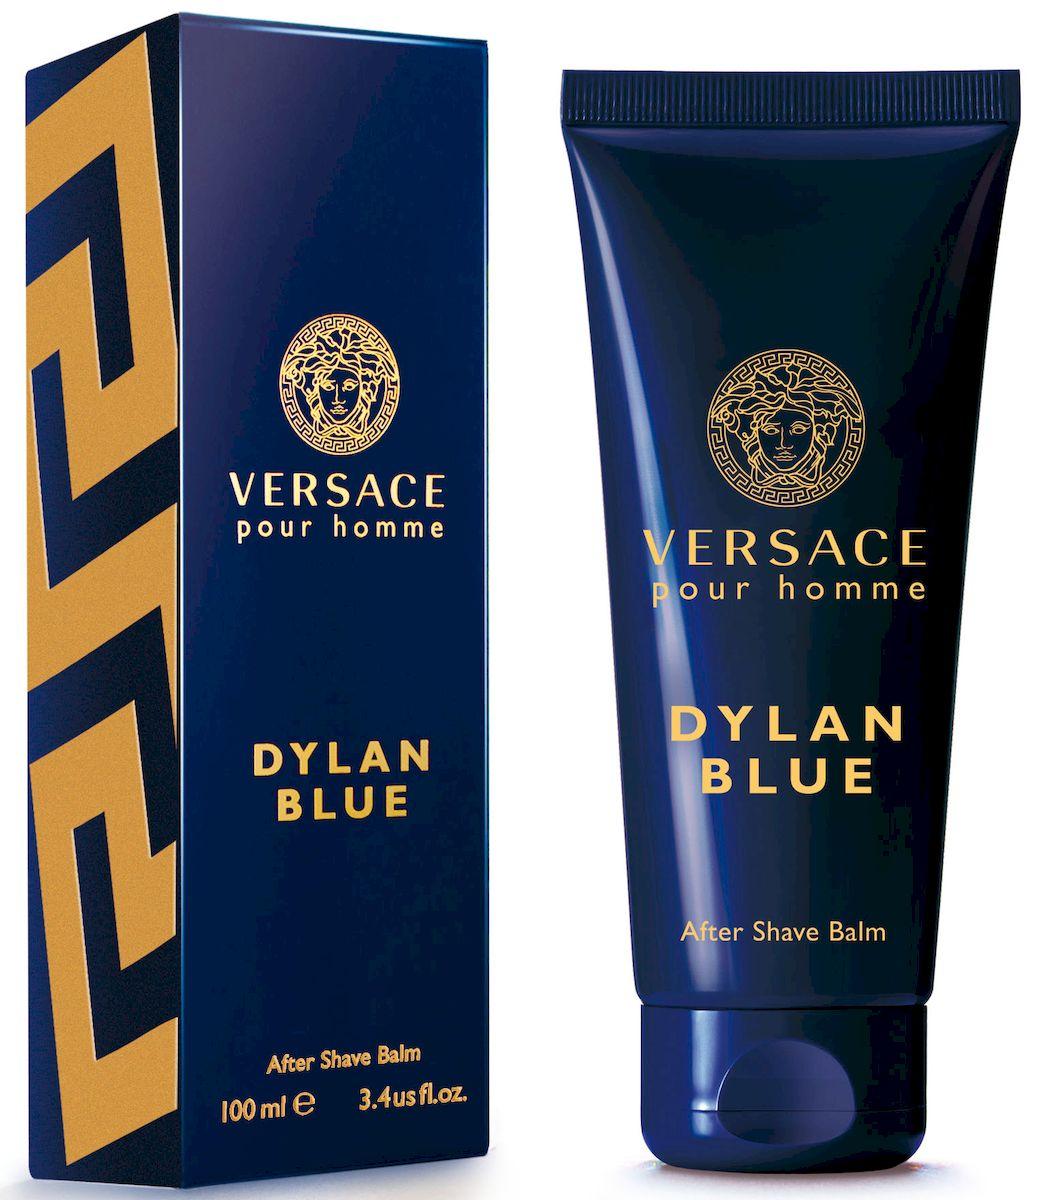 Versace Dylan Blue Бальзам после бритья 100 млGE0701Dylan Blue - это воплощение современного мужчины Versace. Этот аромат с ярким индивидуальным характером пронизан мужественностью и харизмой. Уникальность этого фужерного аромата заключается в ярком древесном шлейфе - неповторимом сочетании природных компонентов и синтетических молекул последнего поколения.Верхняя нота: Калабрийский бергамот, Грейпфрут, Листья фигового дерева, Акватические ноты* (*фантазийный аккорд морской свежести).Средняя нота: Листья фиалки, Черный перец, Киприол, Амброксан, Пачули BIO.Шлейф: Минеральный мускус, Бобы тонка, Шафран, Ладан.Древесный ароматический фужерный.Dylan Blue - это воплощение современного мужчины Versace. Этот аромат с ярким индивидуальным характером пронизан мужественностью и харизмой.